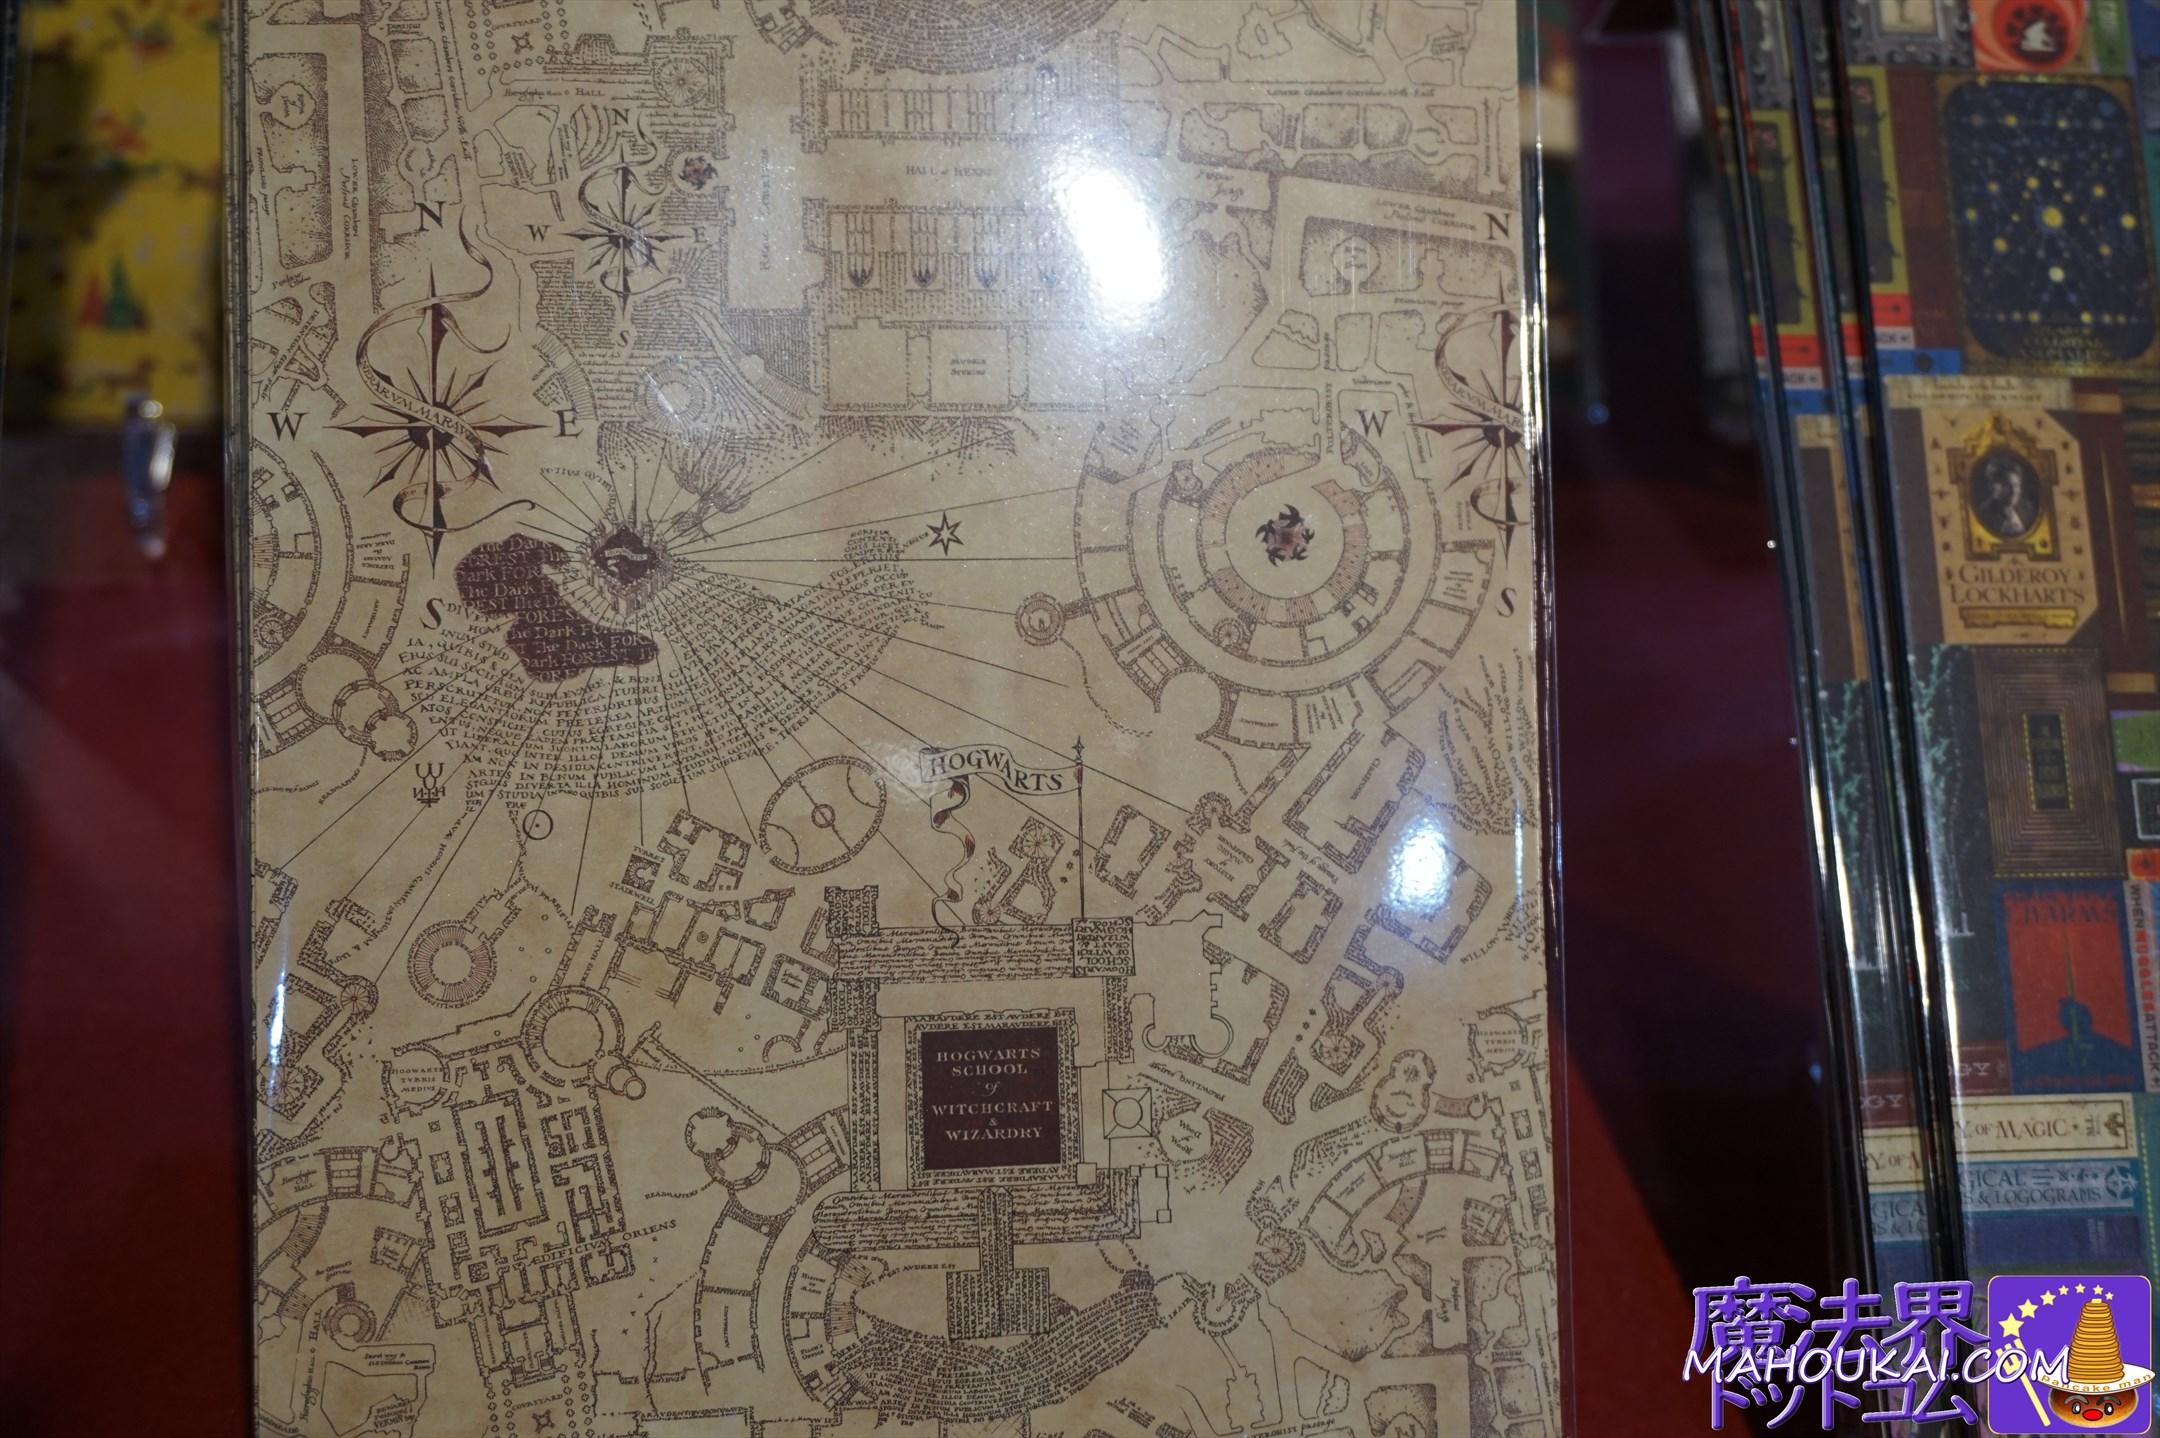 ハリーポッター忍びの地図のギフトラップ(Gift Wrap)ミナリマ大阪minalima